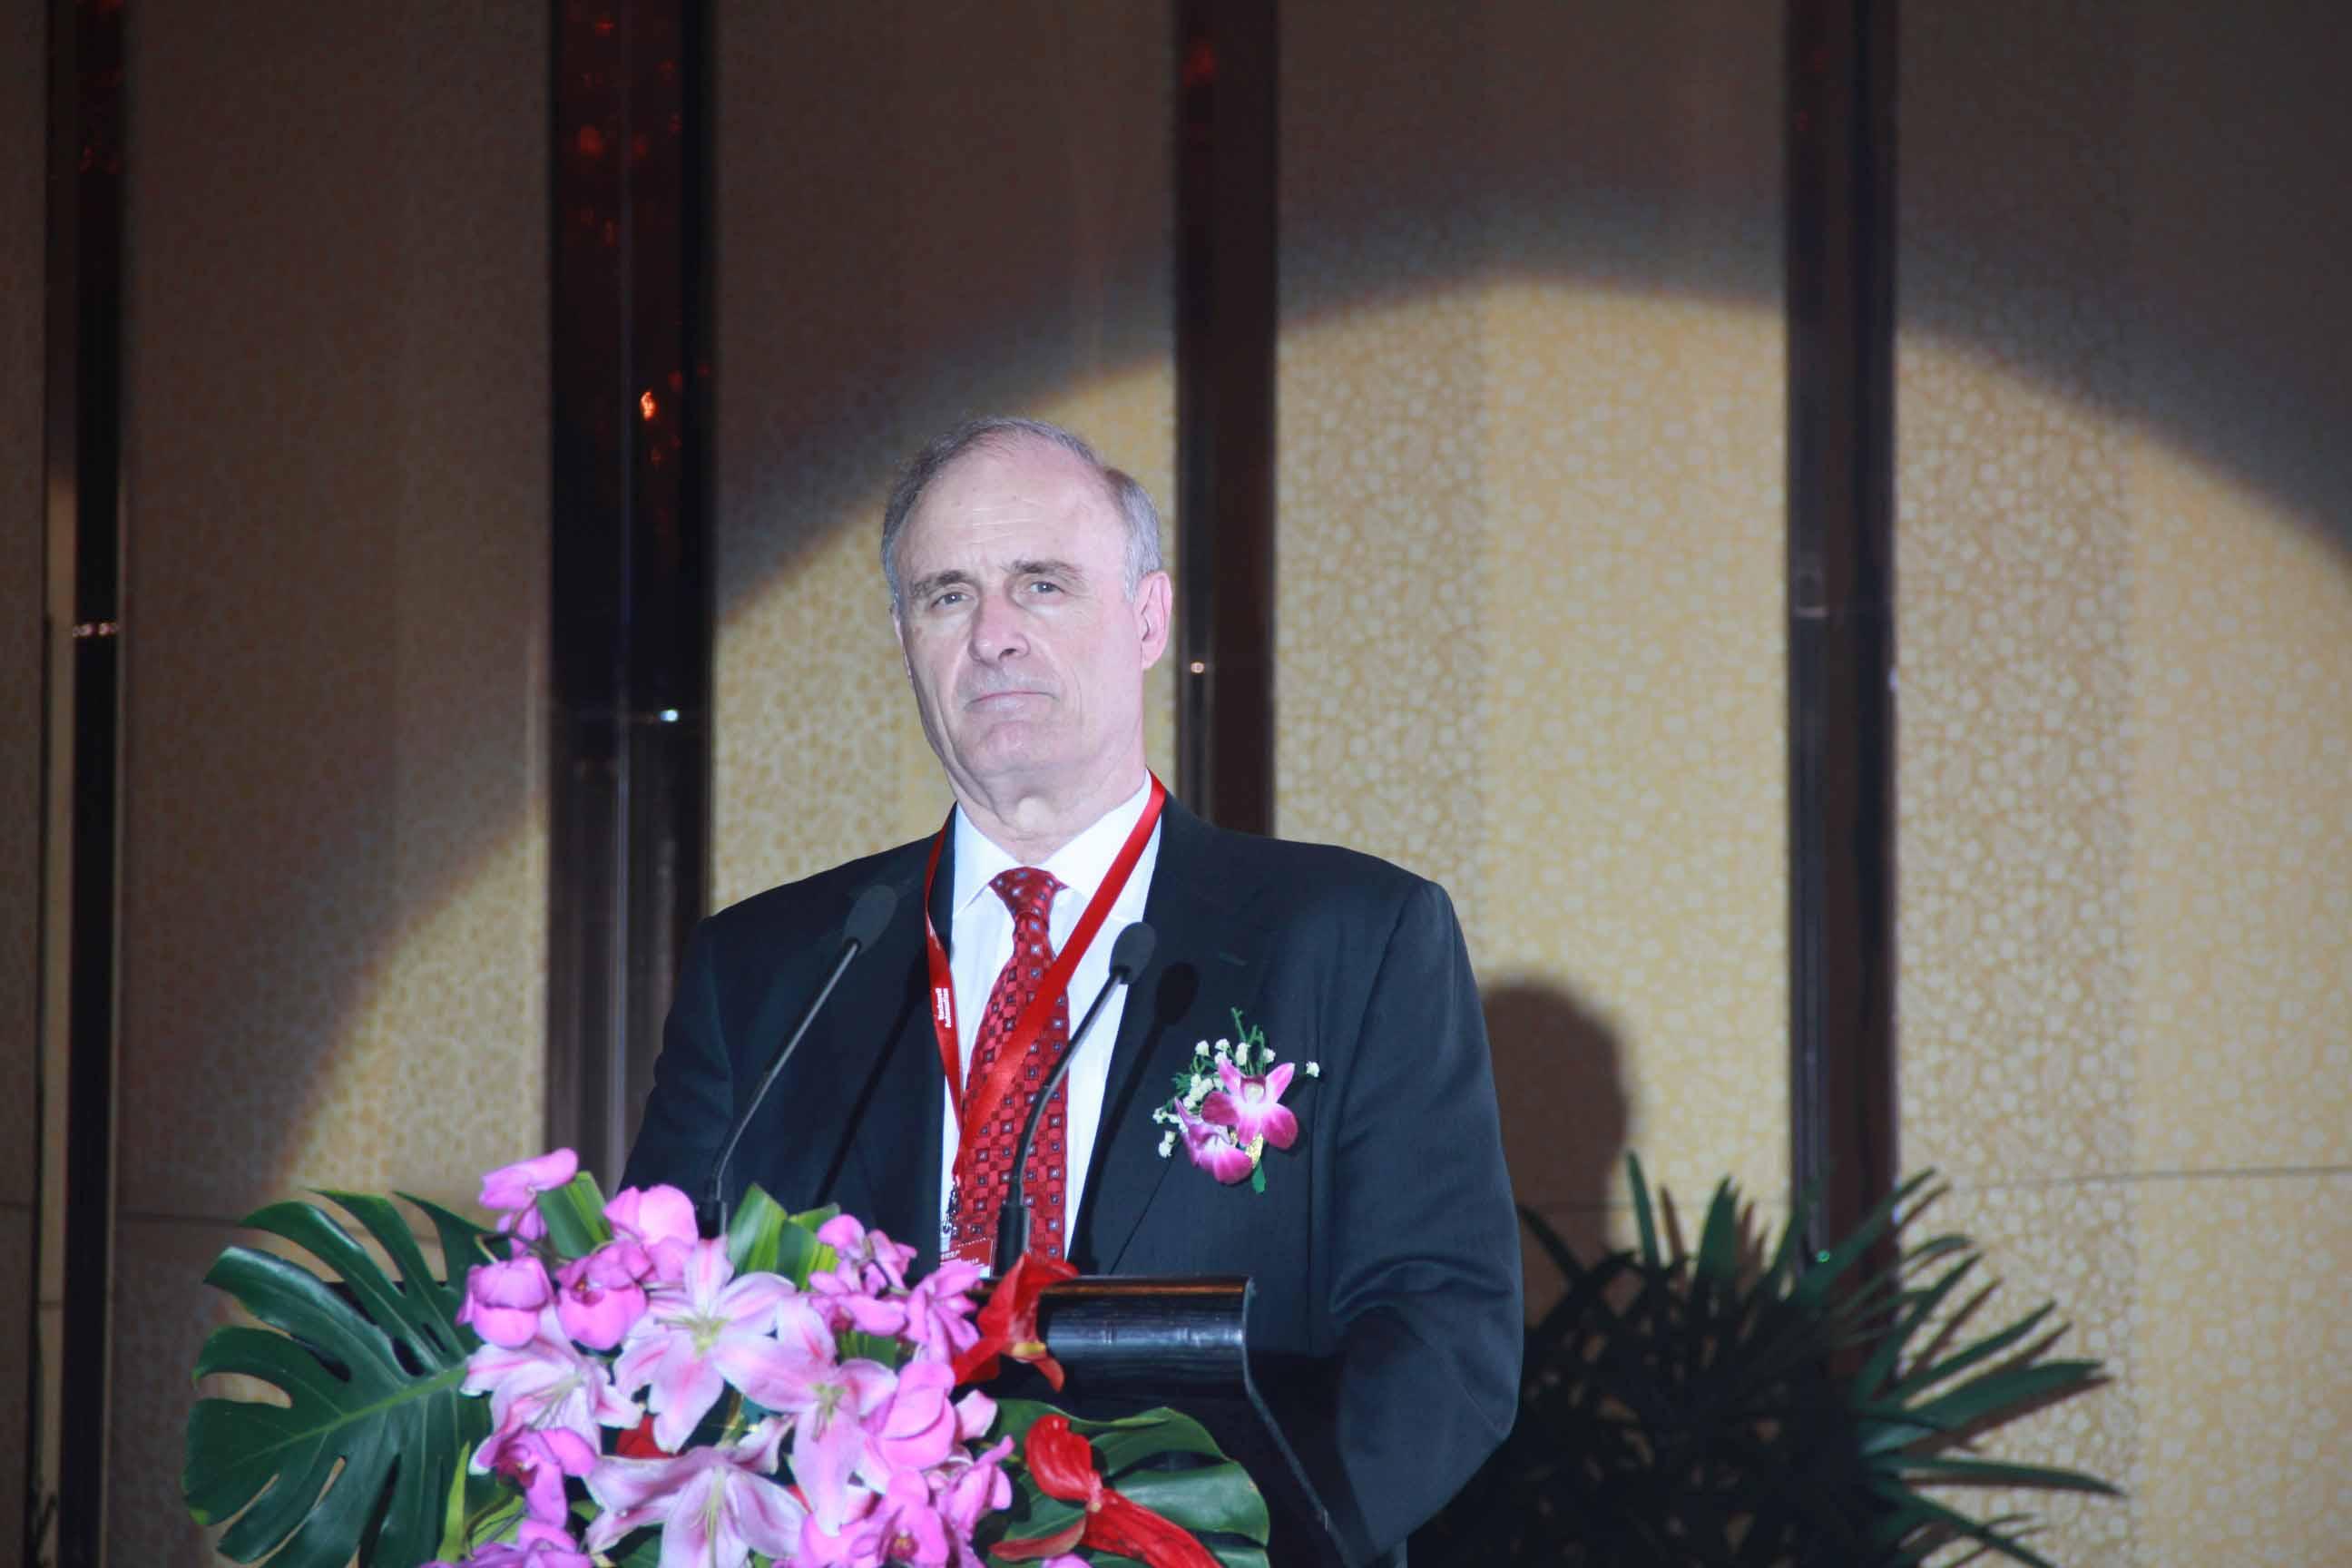 罗克韦尔自动化主席兼CEO Keith Nosbusch先生在武汉发表智能制造展望讲话